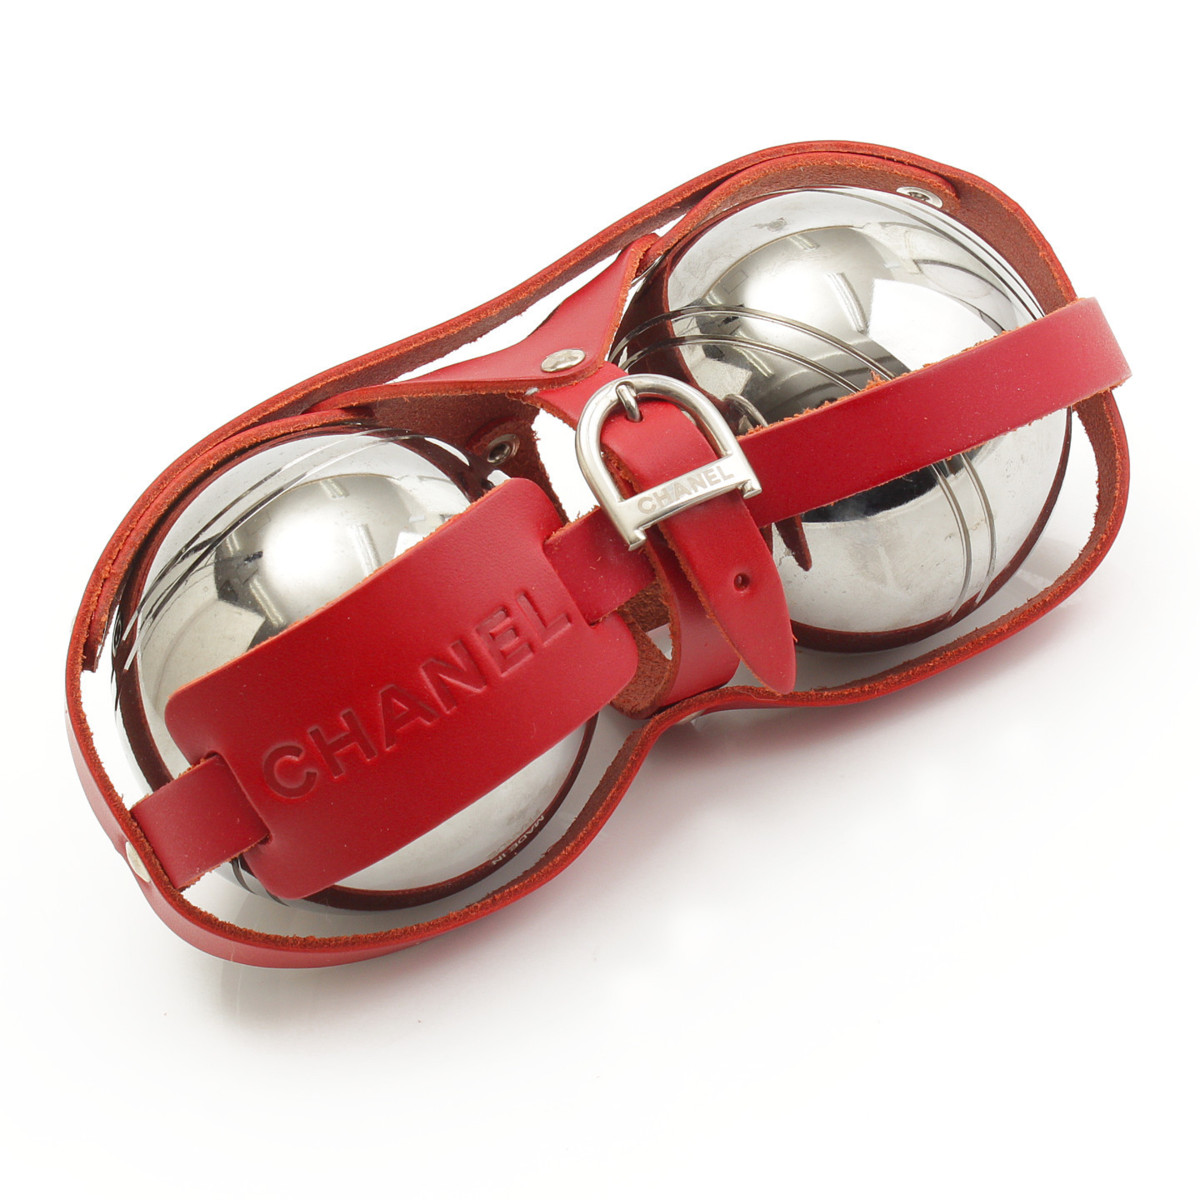 【シャネル】Chanel ノベルティ ペタンクボール 2個セット 【中古】【鑑定済・正規品保証】【送料無料】29417